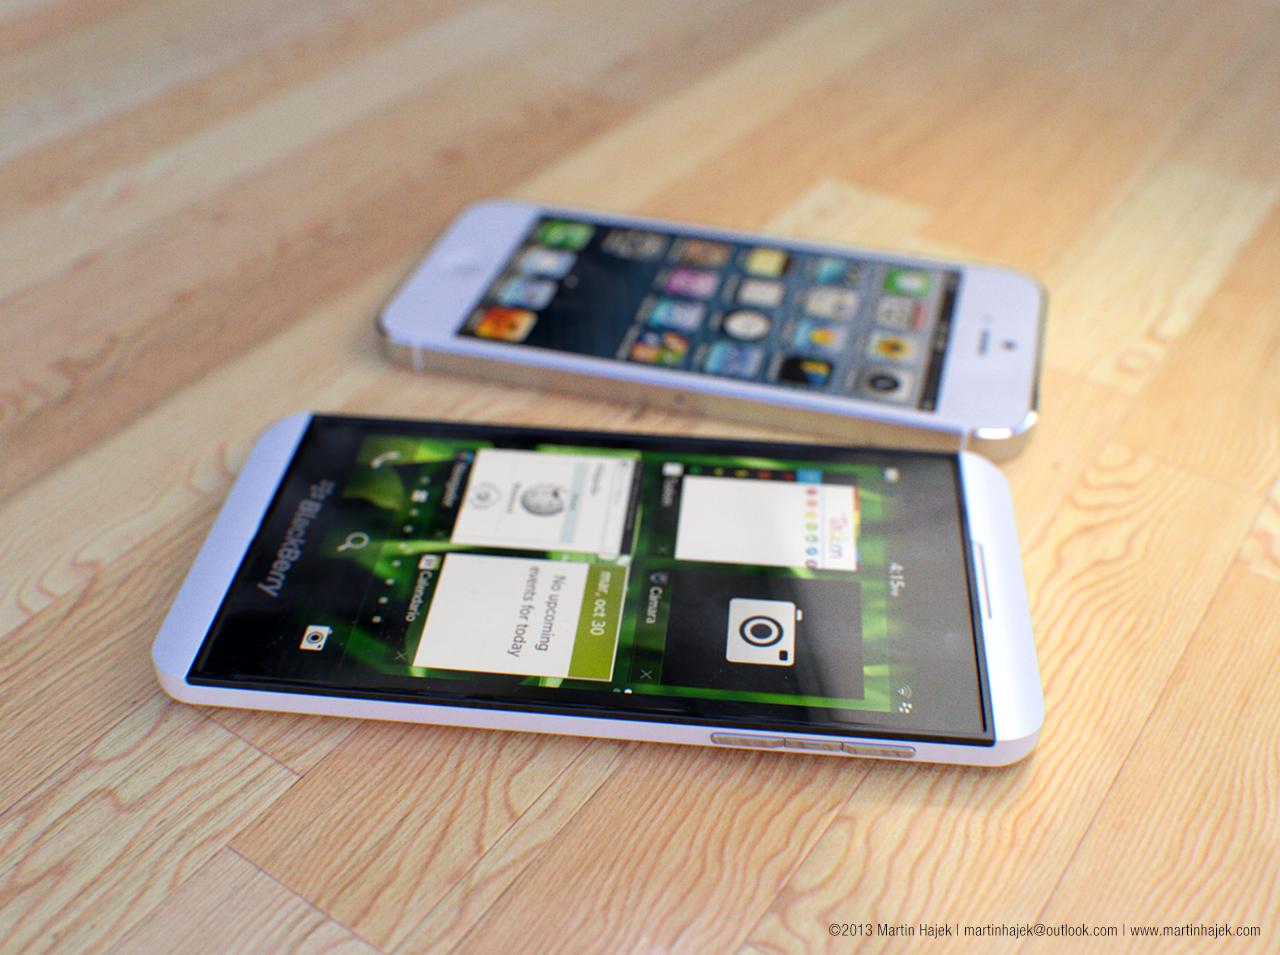 Blackberry-z10-vs-iphone-5-02